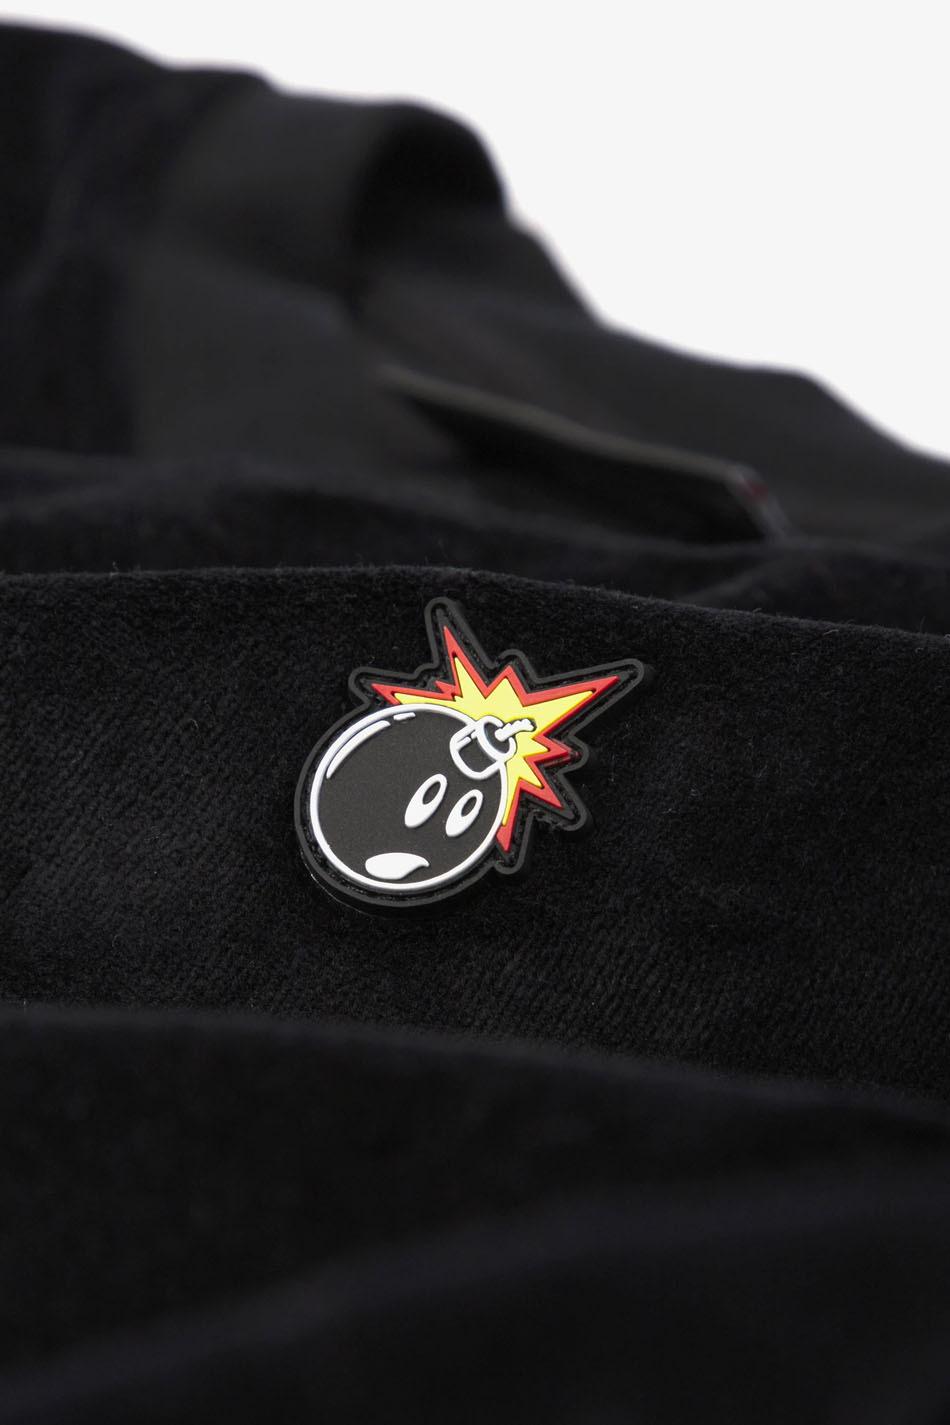 Black The Hundreds Mascot Sweatshirt